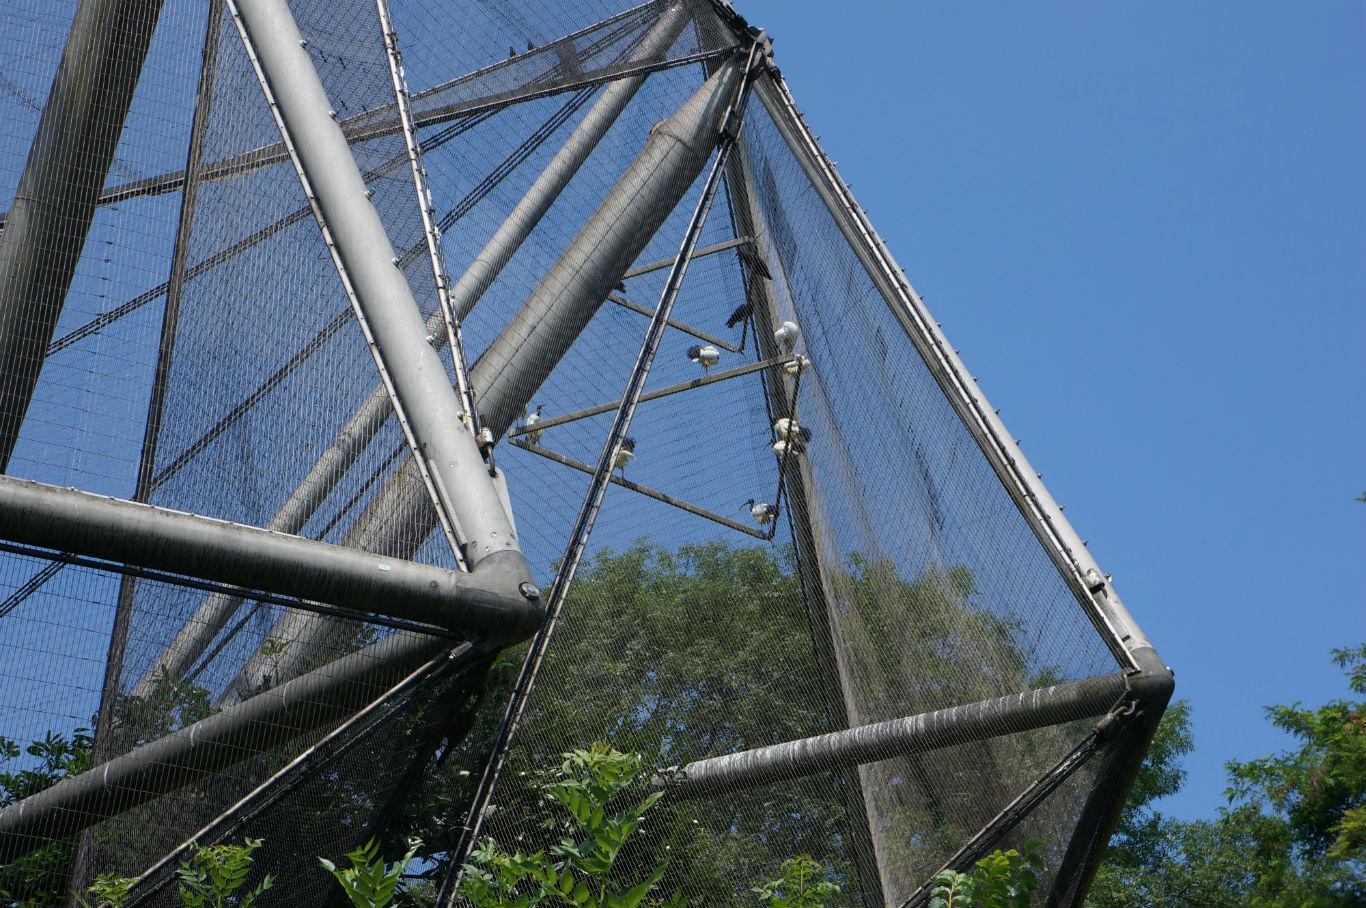 London Zoo aviary